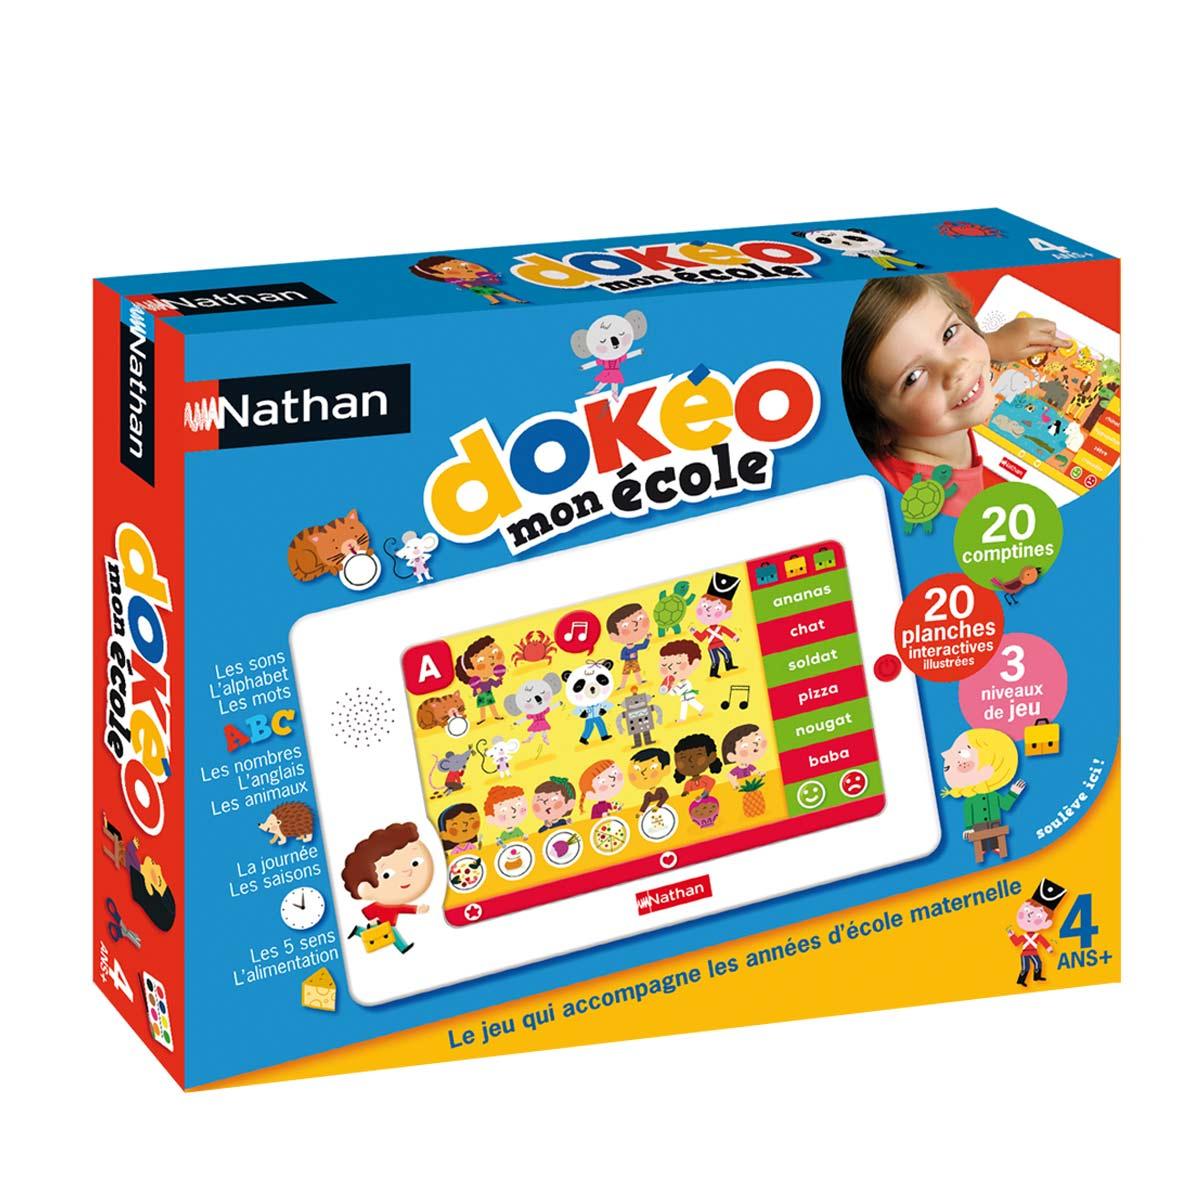 Tablette Éducative Dokéo École serapportantà Tablette Pour Enfant De 4 Ans